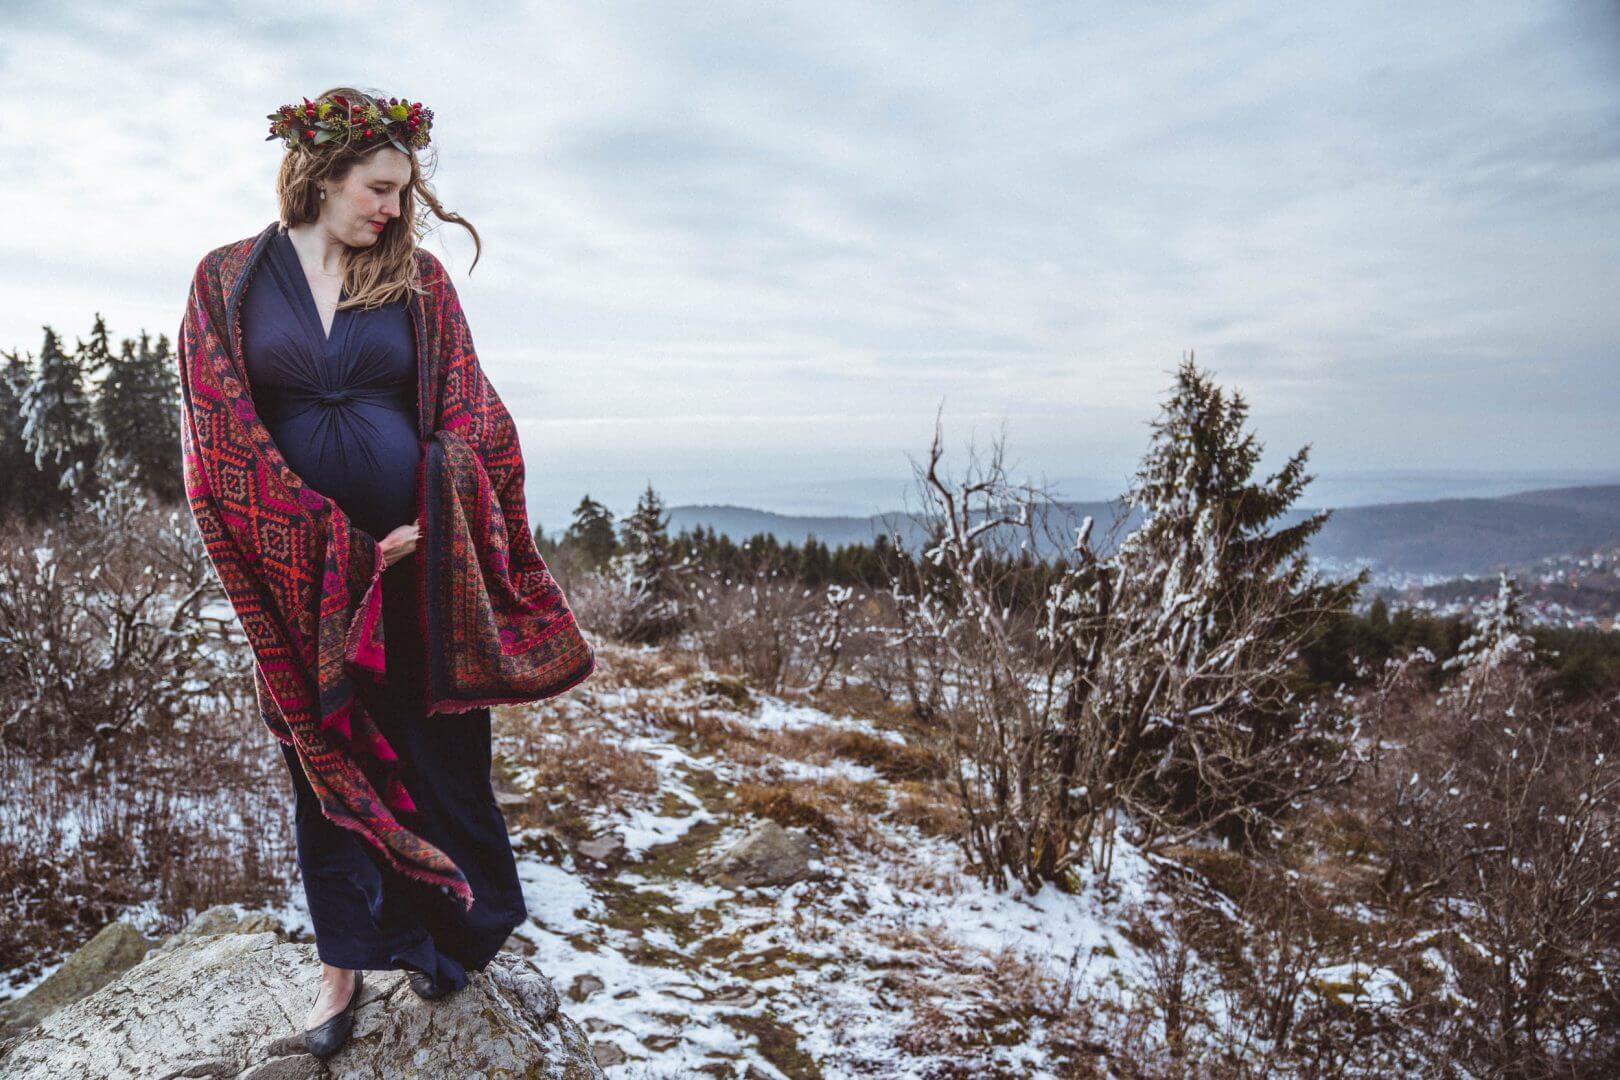 Schwangere steht auf Fels im Wind